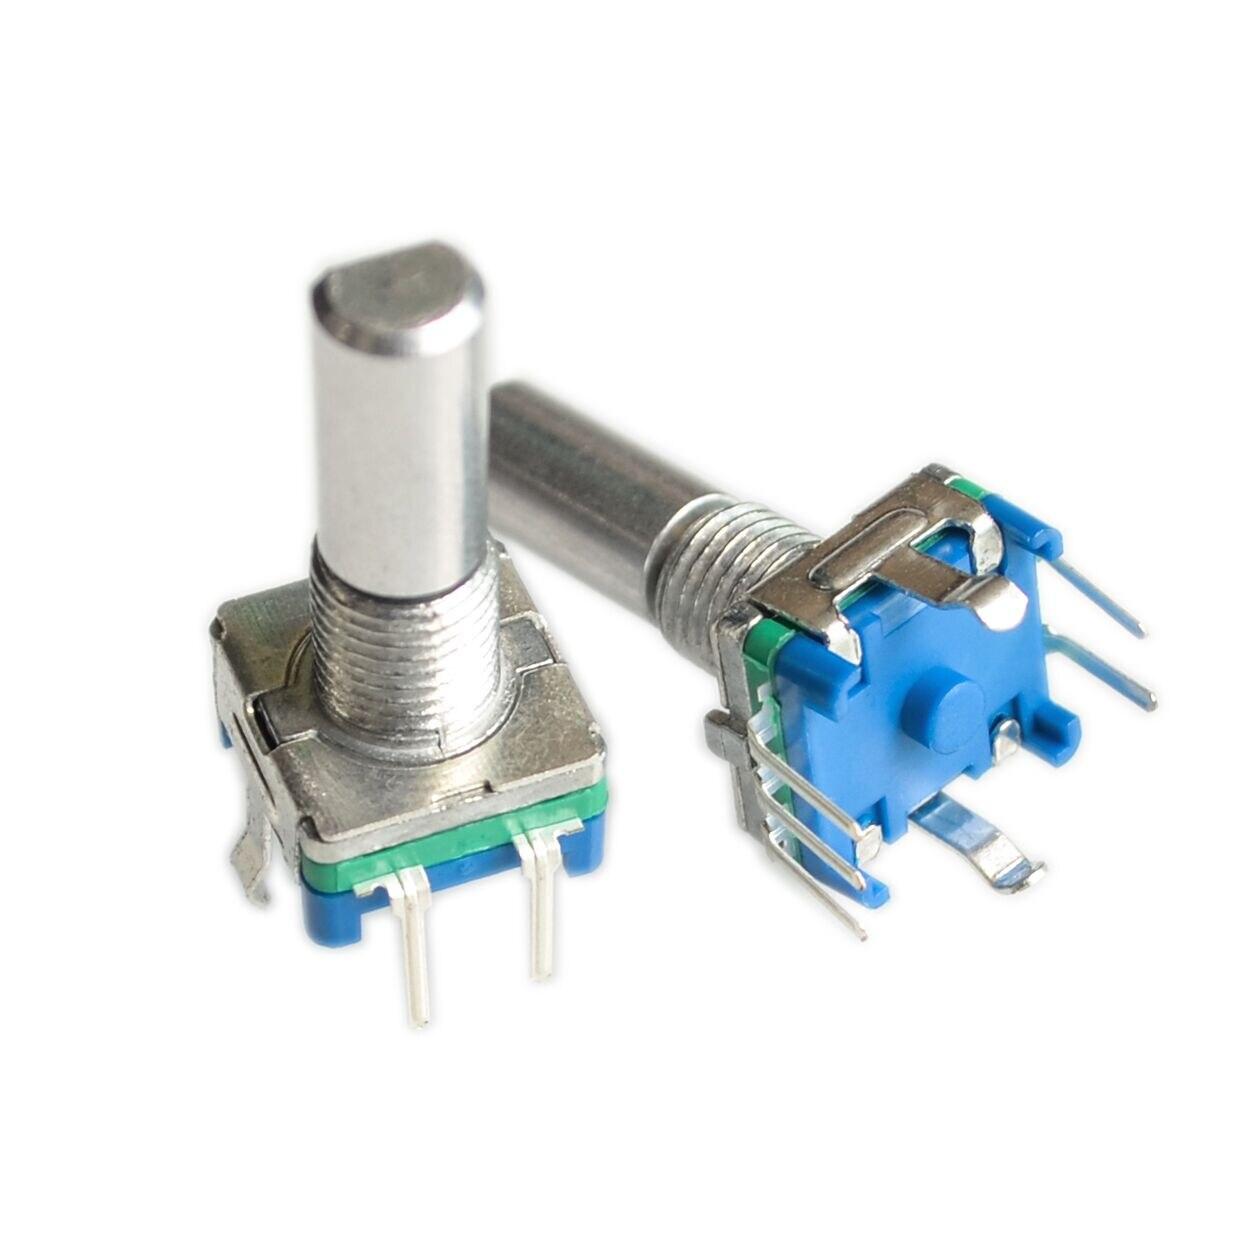 5 Stks/partij Originele, Encoder, Code Schakelaar/EC11/Audio Digitale Potentiometer, Met Schakelaar, 5Pin, Handvat Lengte 20Mm